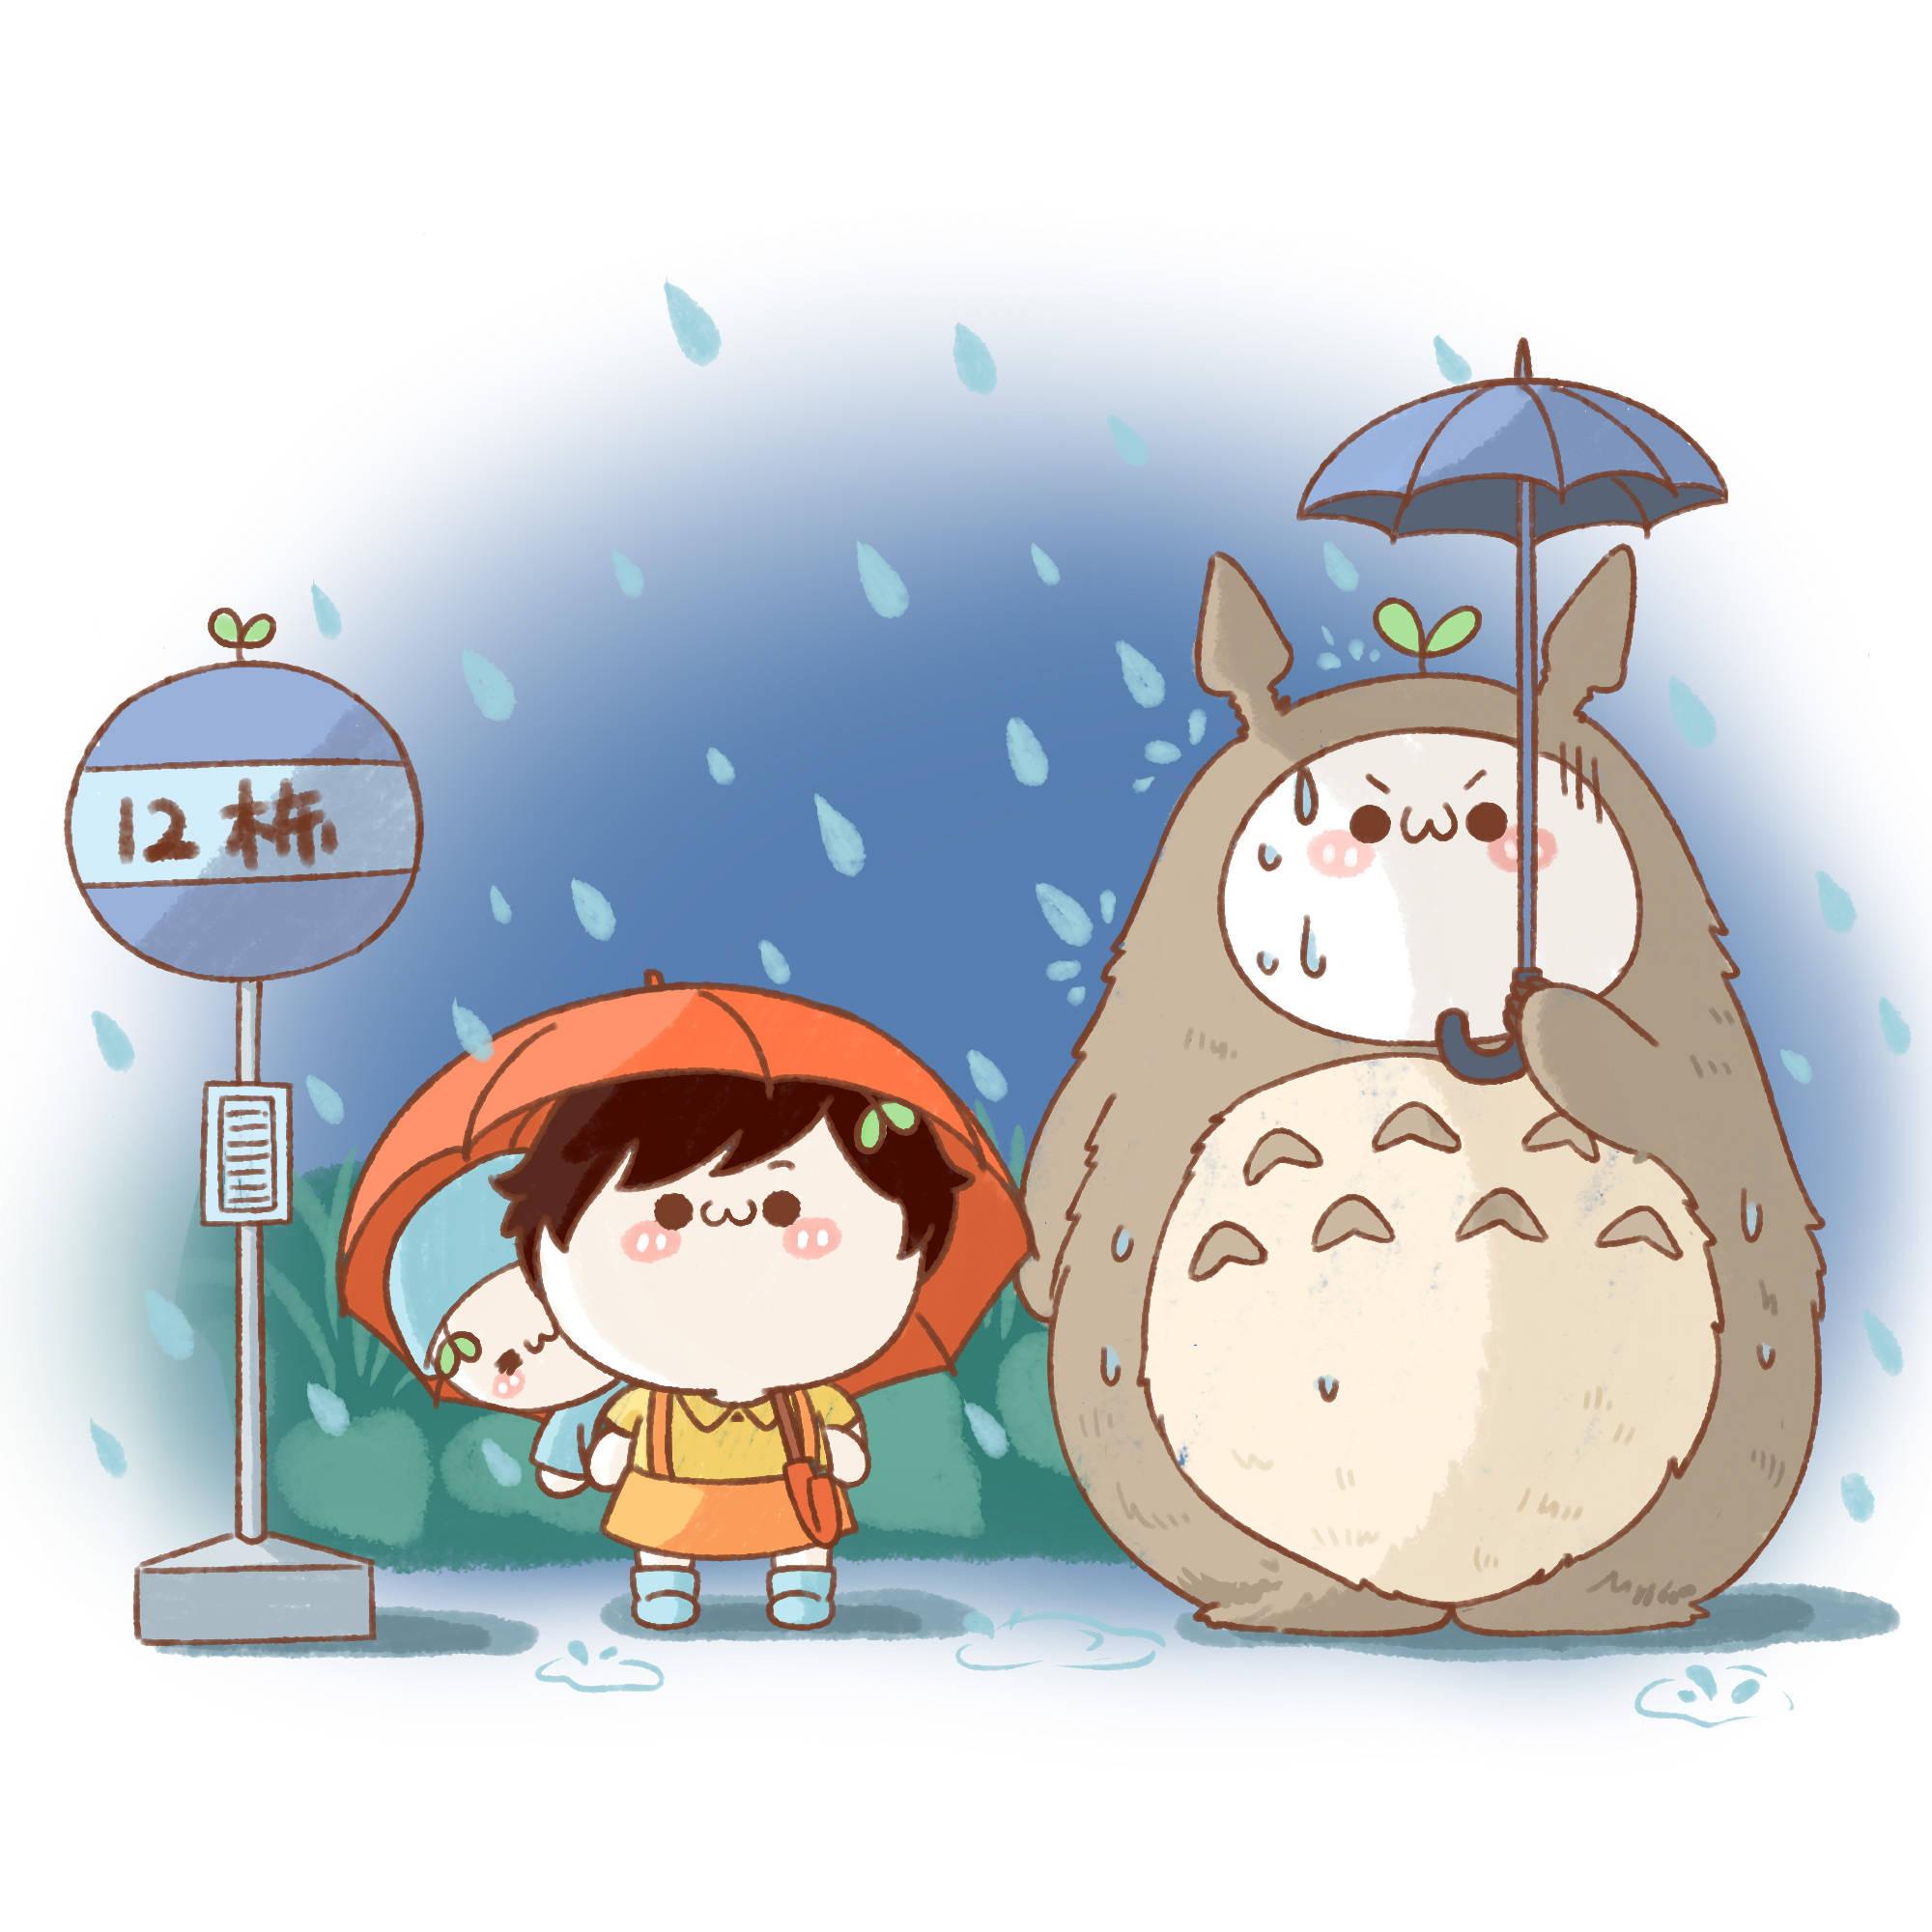 情色小?9.$?c.?d#9.??.$?c._7月8日,雨,今天玩微博的时候遇到了一对小可爱.